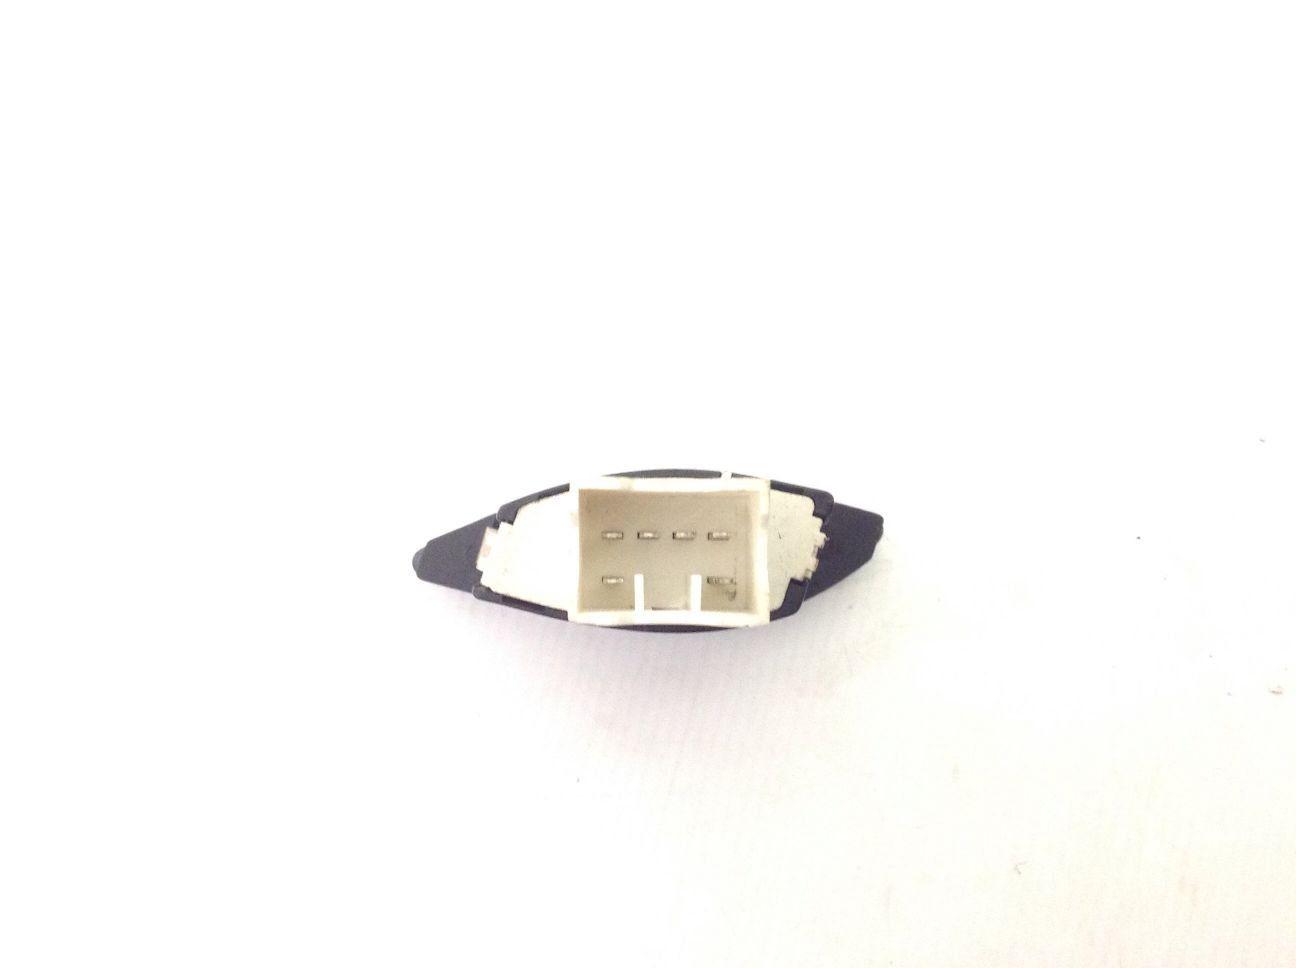 Interruptor Circulador De Ar Jac Motors J3 2011-2013